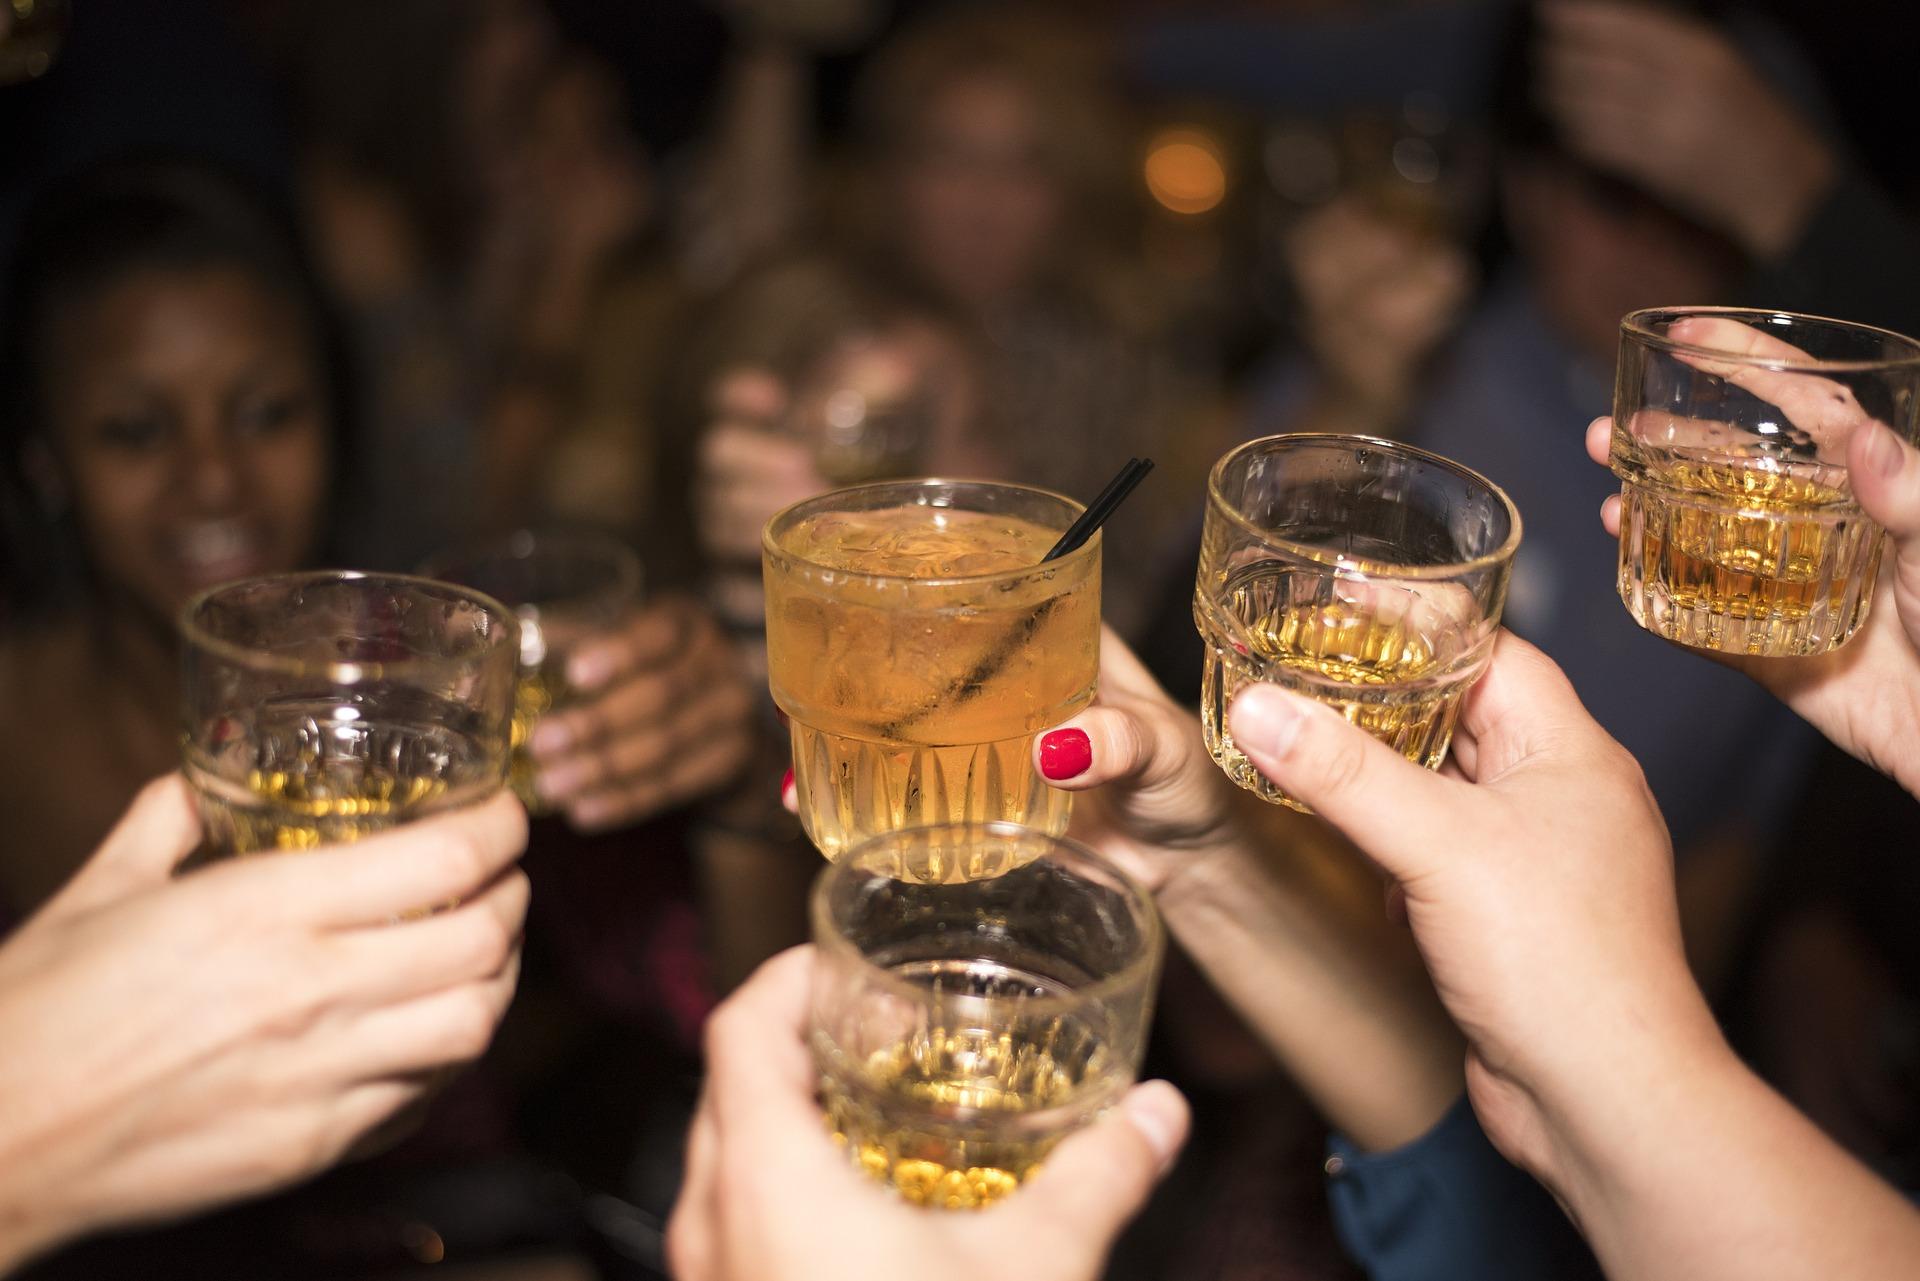 alokohol-izlazak-ljudi